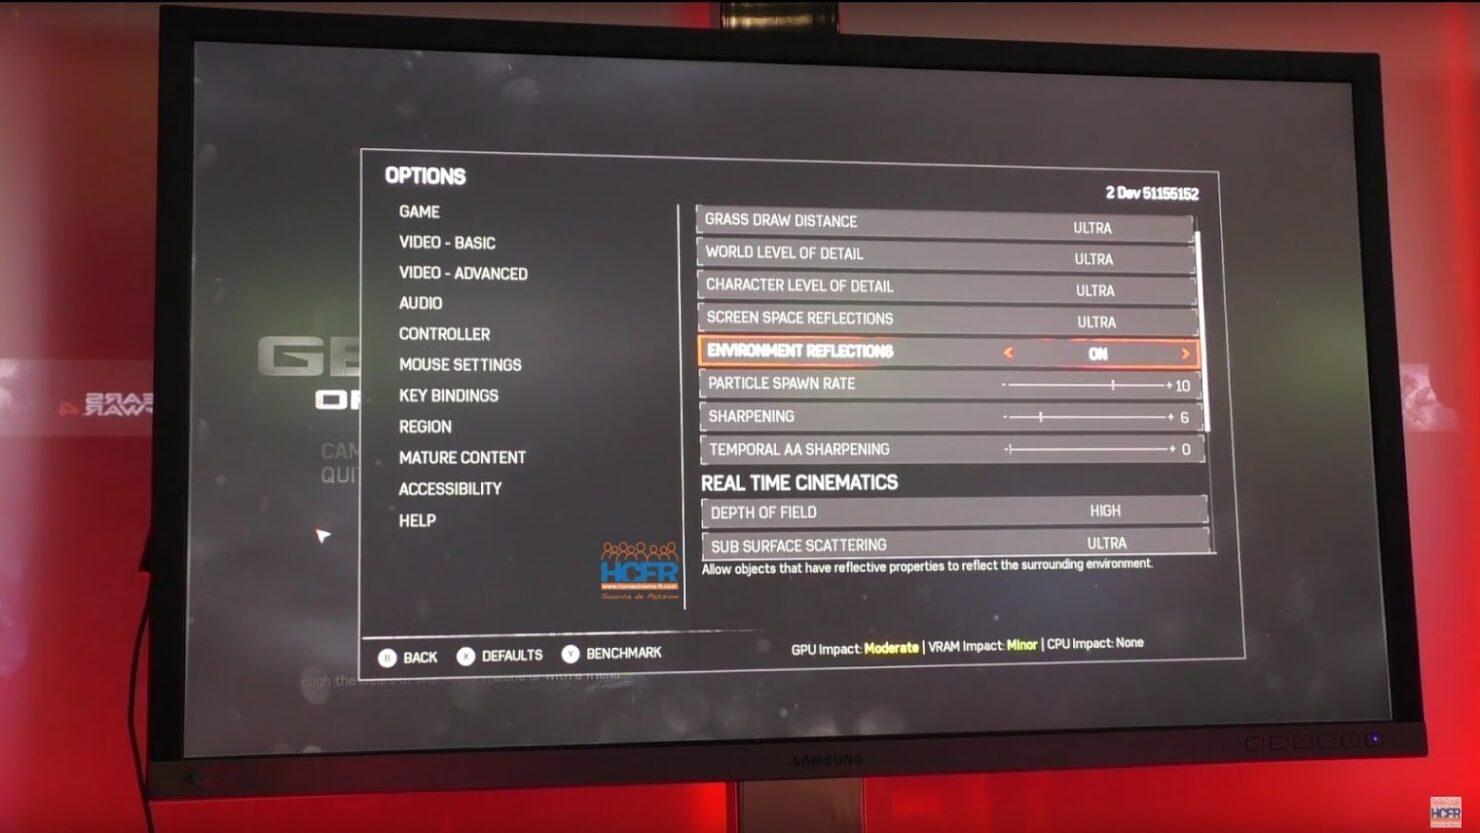 gears-of-war-4-graphics-settings-menu-4